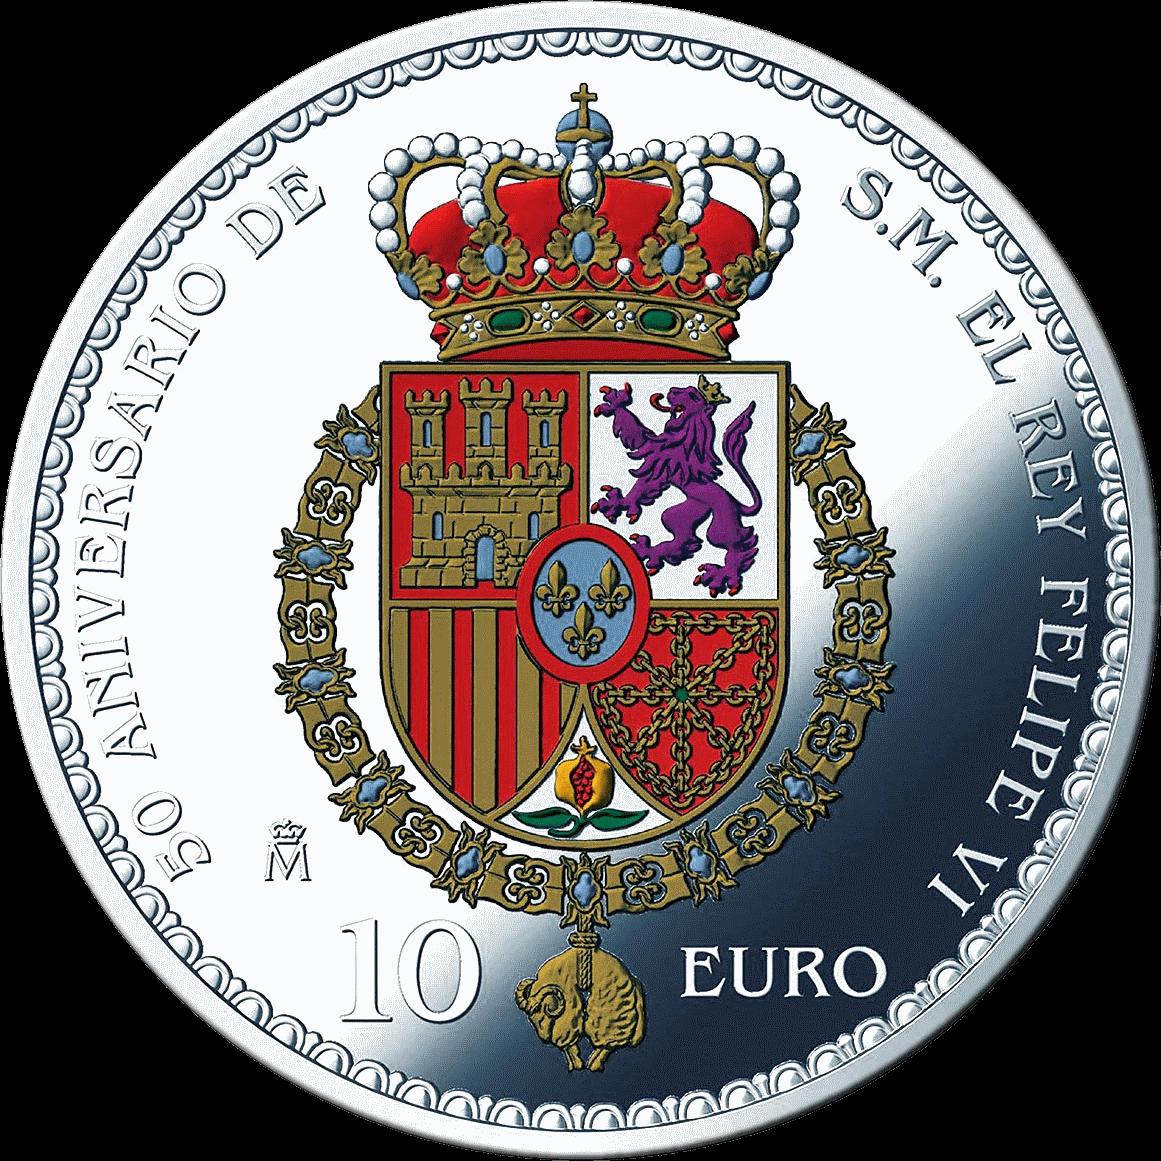 Испания монета 10 евро серии 50-летие со дня рождения короля Филиппа VI, аверс